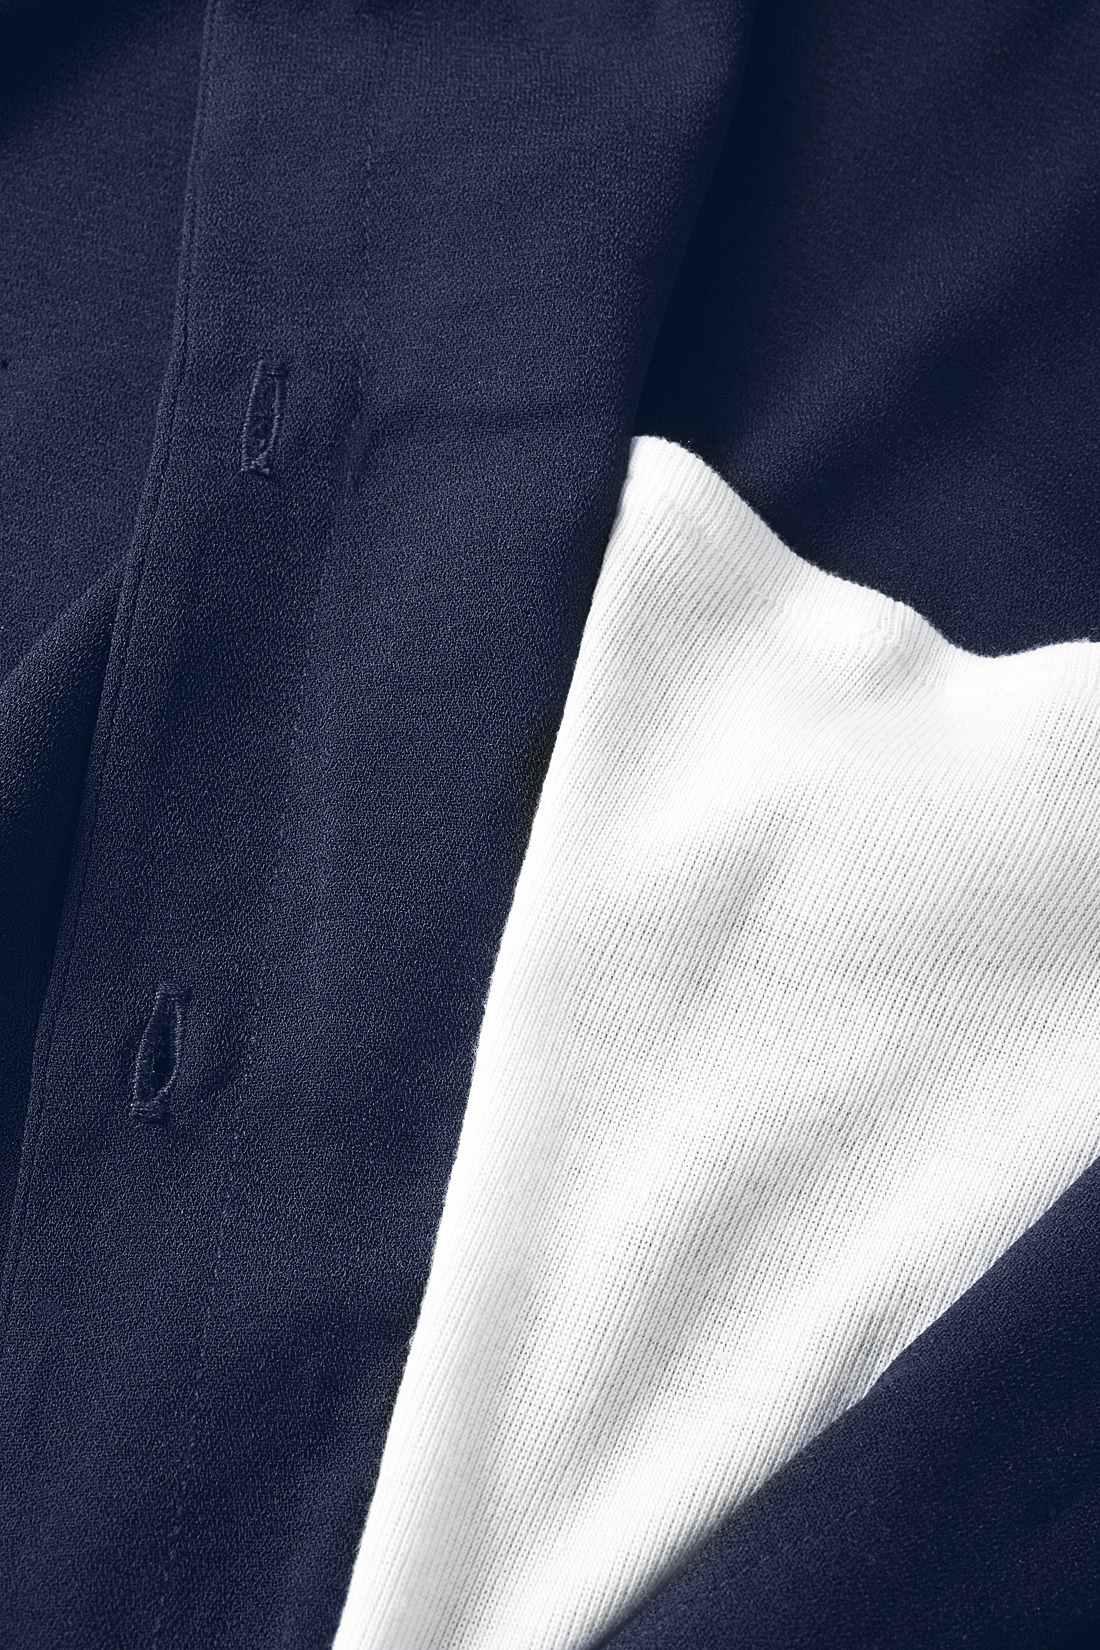 タンクトップとシャツを重ね着しているかのようなドッキングデザイン。胸当ての衿ぐりはゴム入りで、体にフィットして胸チラも気になりにくい仕様。 ※お届けするカラーとは異なります。